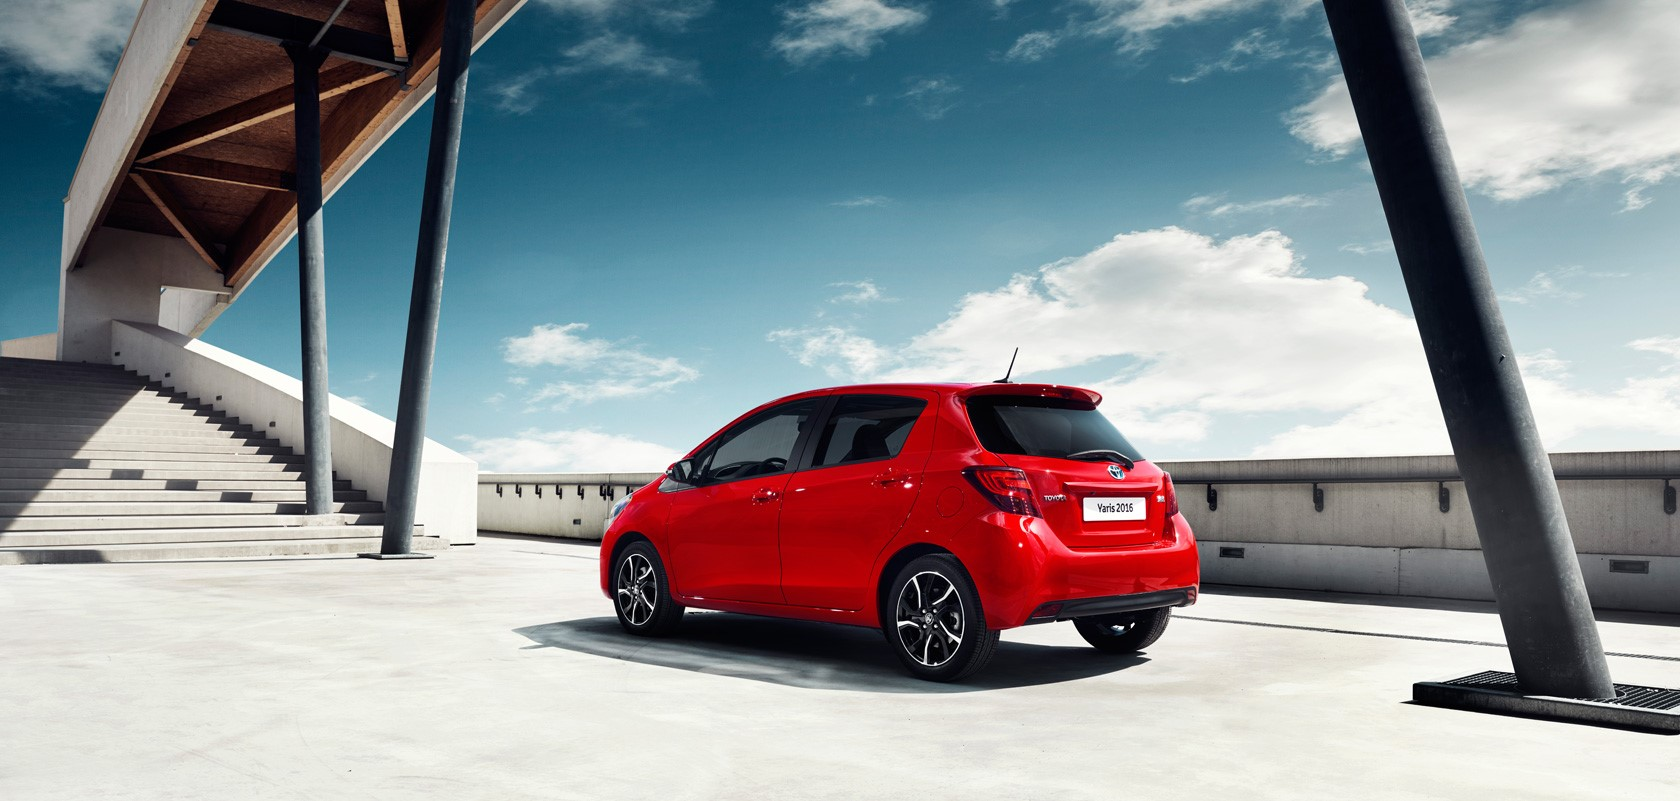 La plus française des voitures japonaises, la Toyota Yaris débarquent en Tunisie